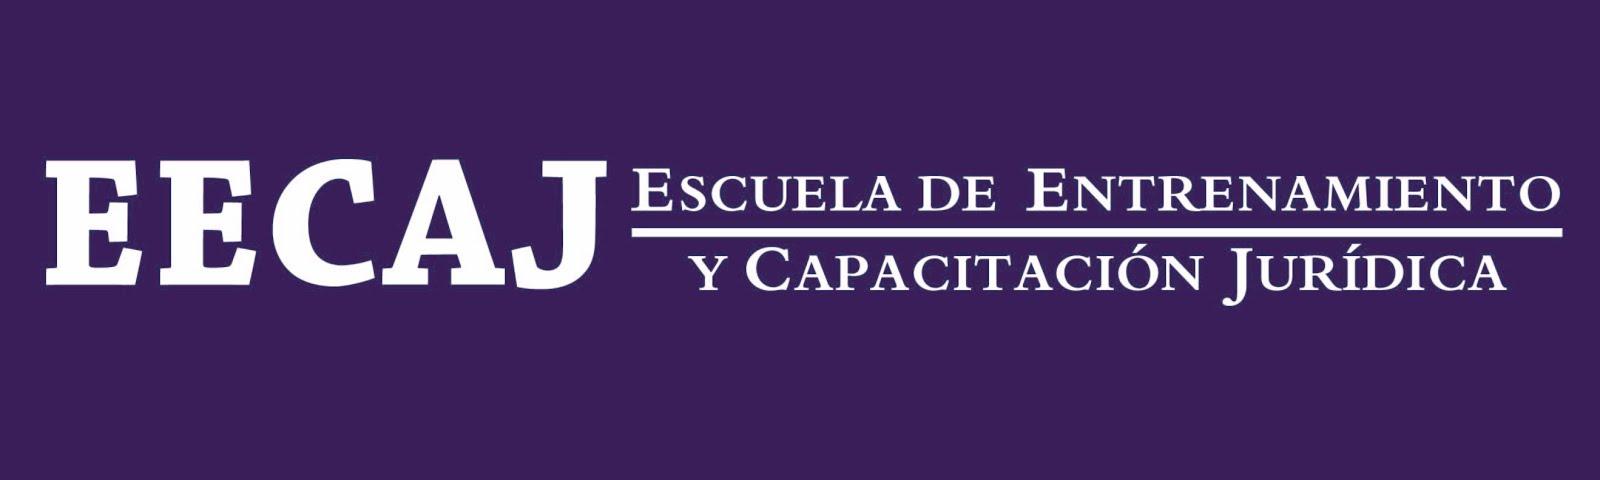 ESCUELA DE ENTRENAMIENTO Y CAPACITACIÓN JURÍDICA ECAJ